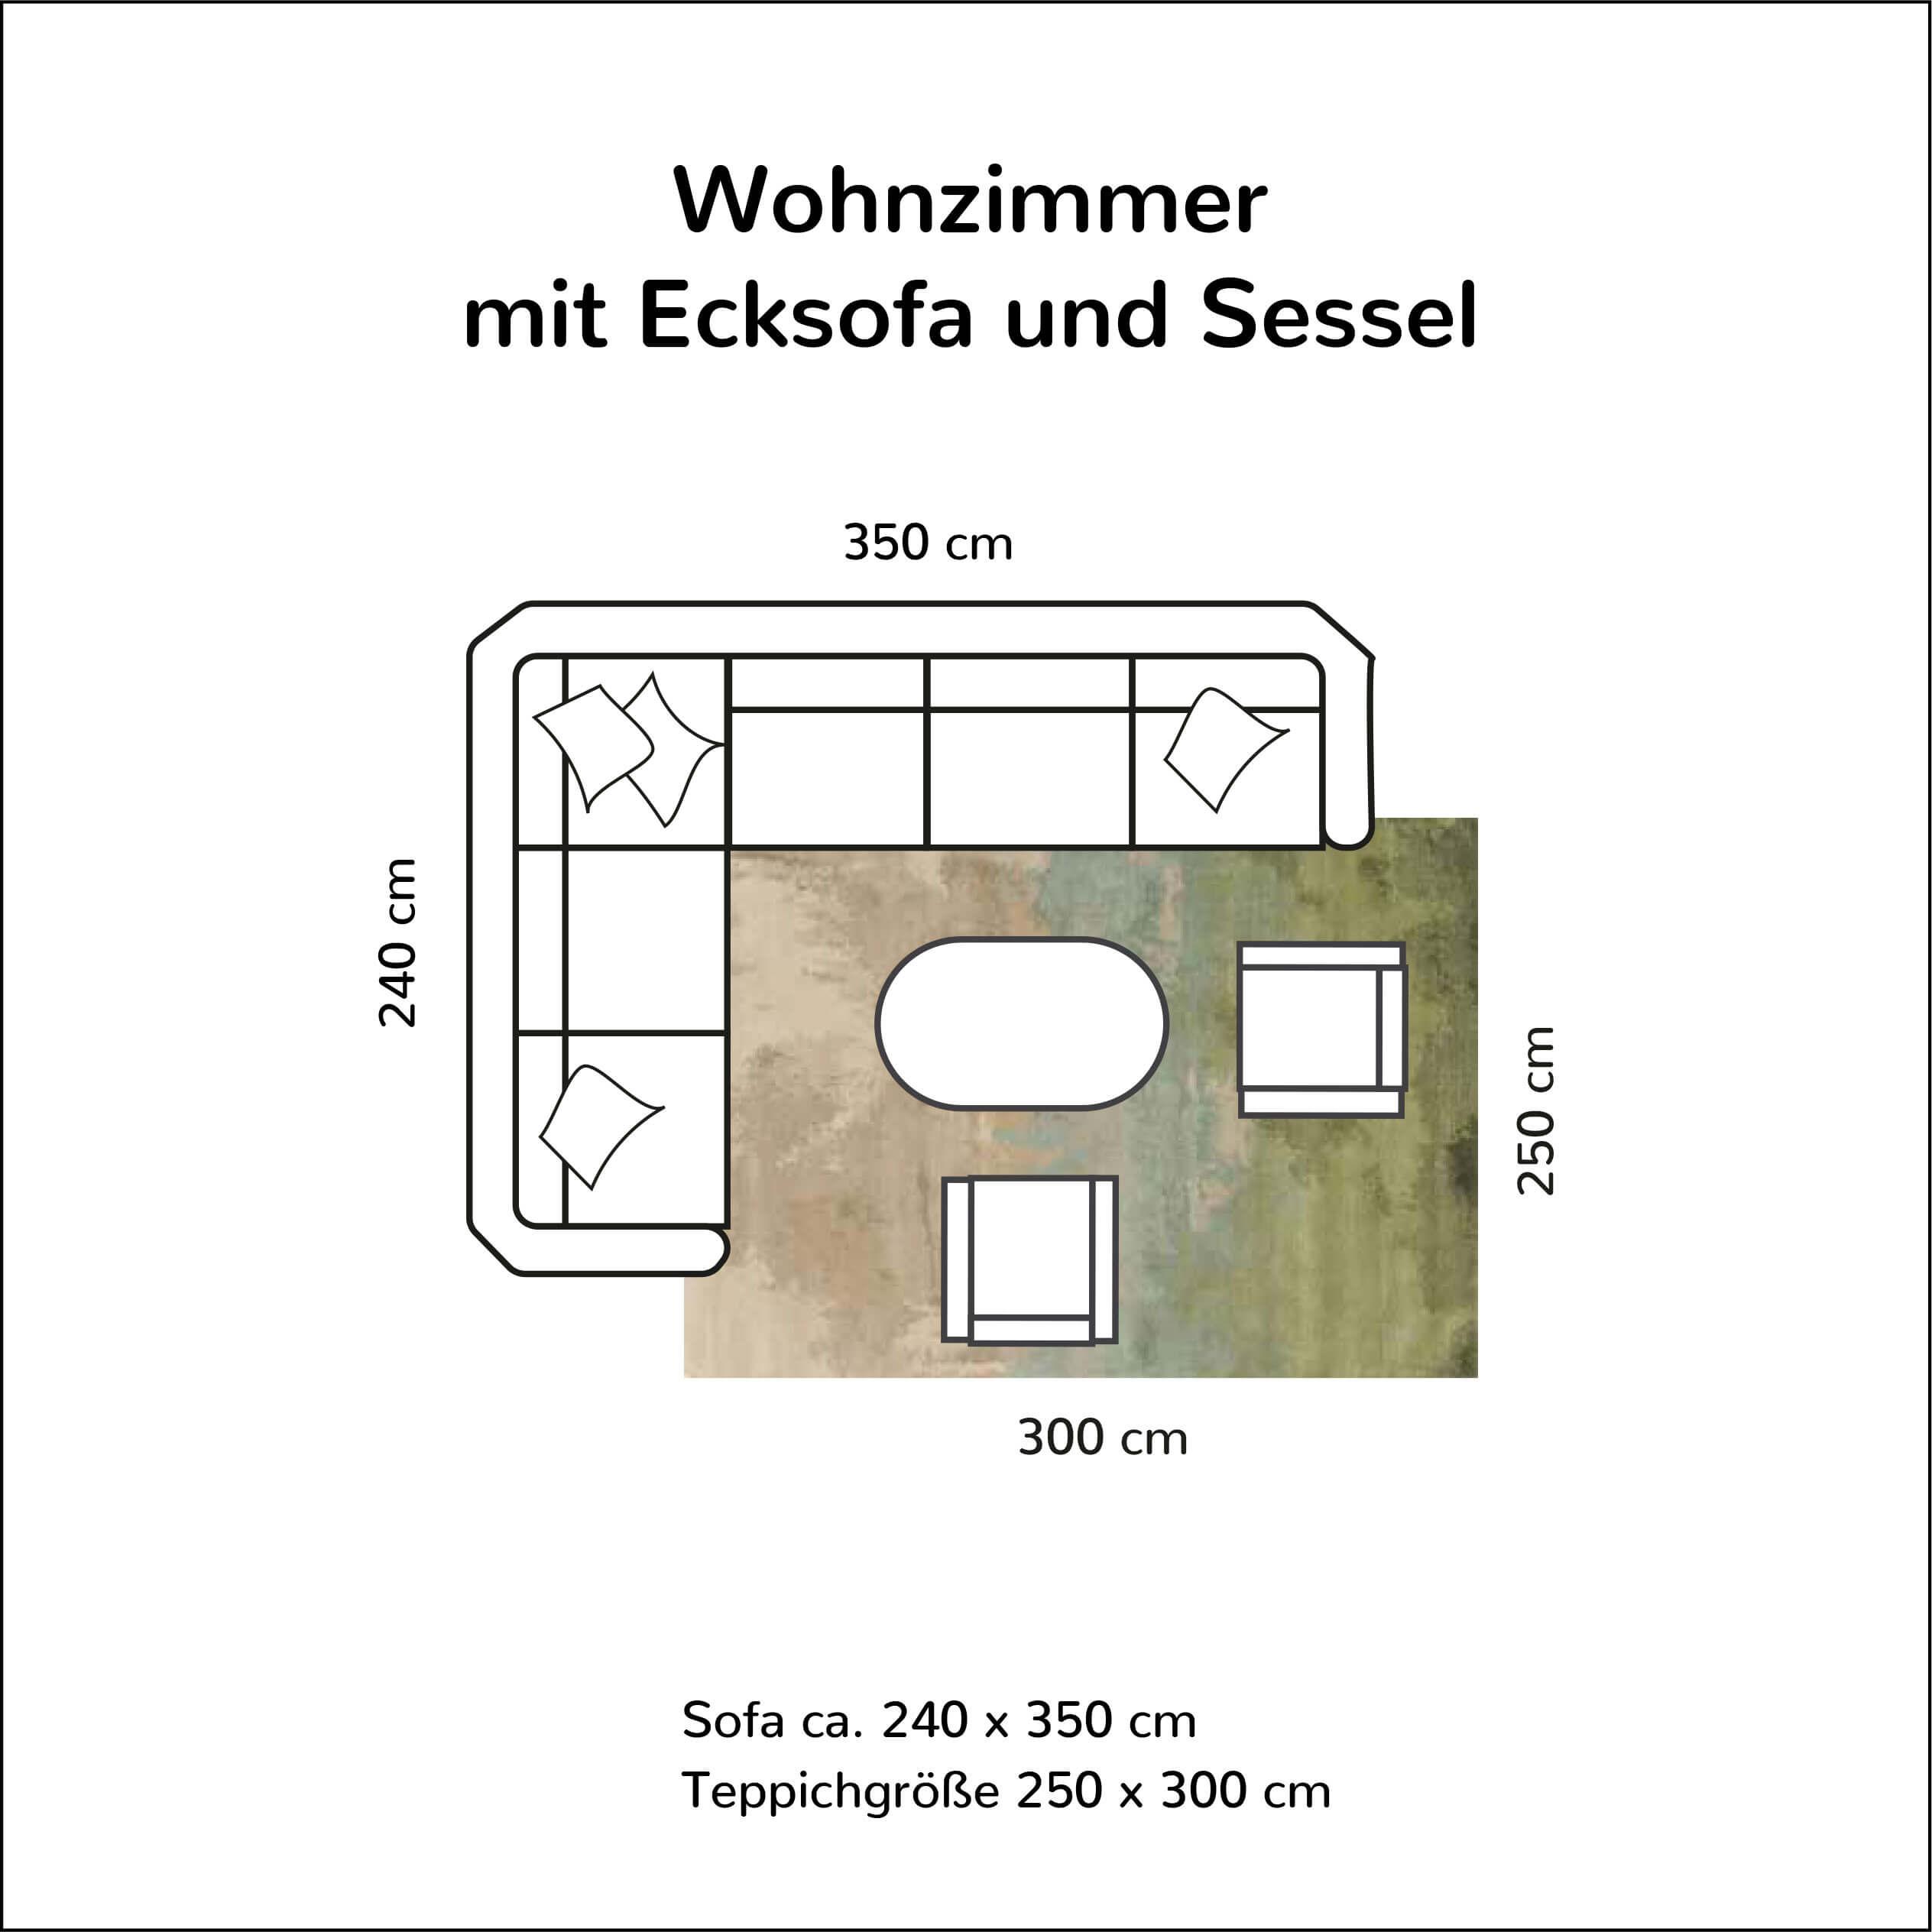 Wohnzimmer mit Ecksofa und Sessel